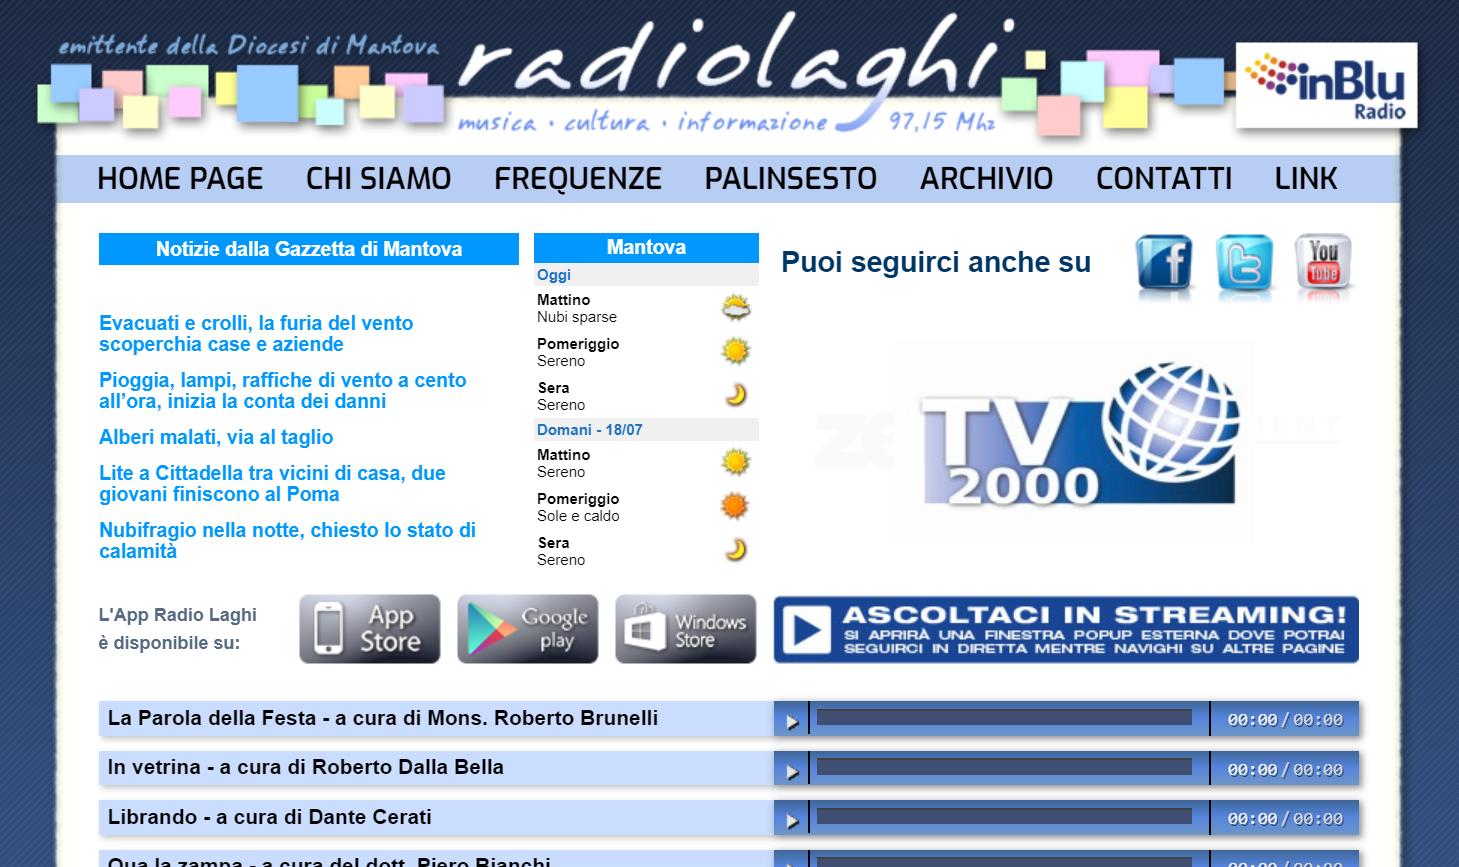 Radio Laghi - Radio locali. Continua l'uscita di scena dalla FM: a Milano Babayaga lascia spazio a Bruno. A Mantova a Radio Laghi succede RDS. Ecco il quadro delle decisioni